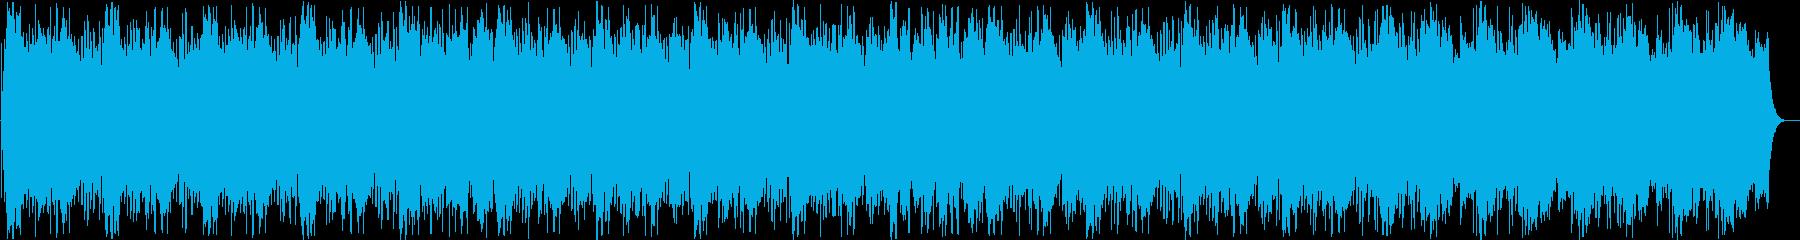 シリアスで浮遊感のあるシンセサイザー音の再生済みの波形